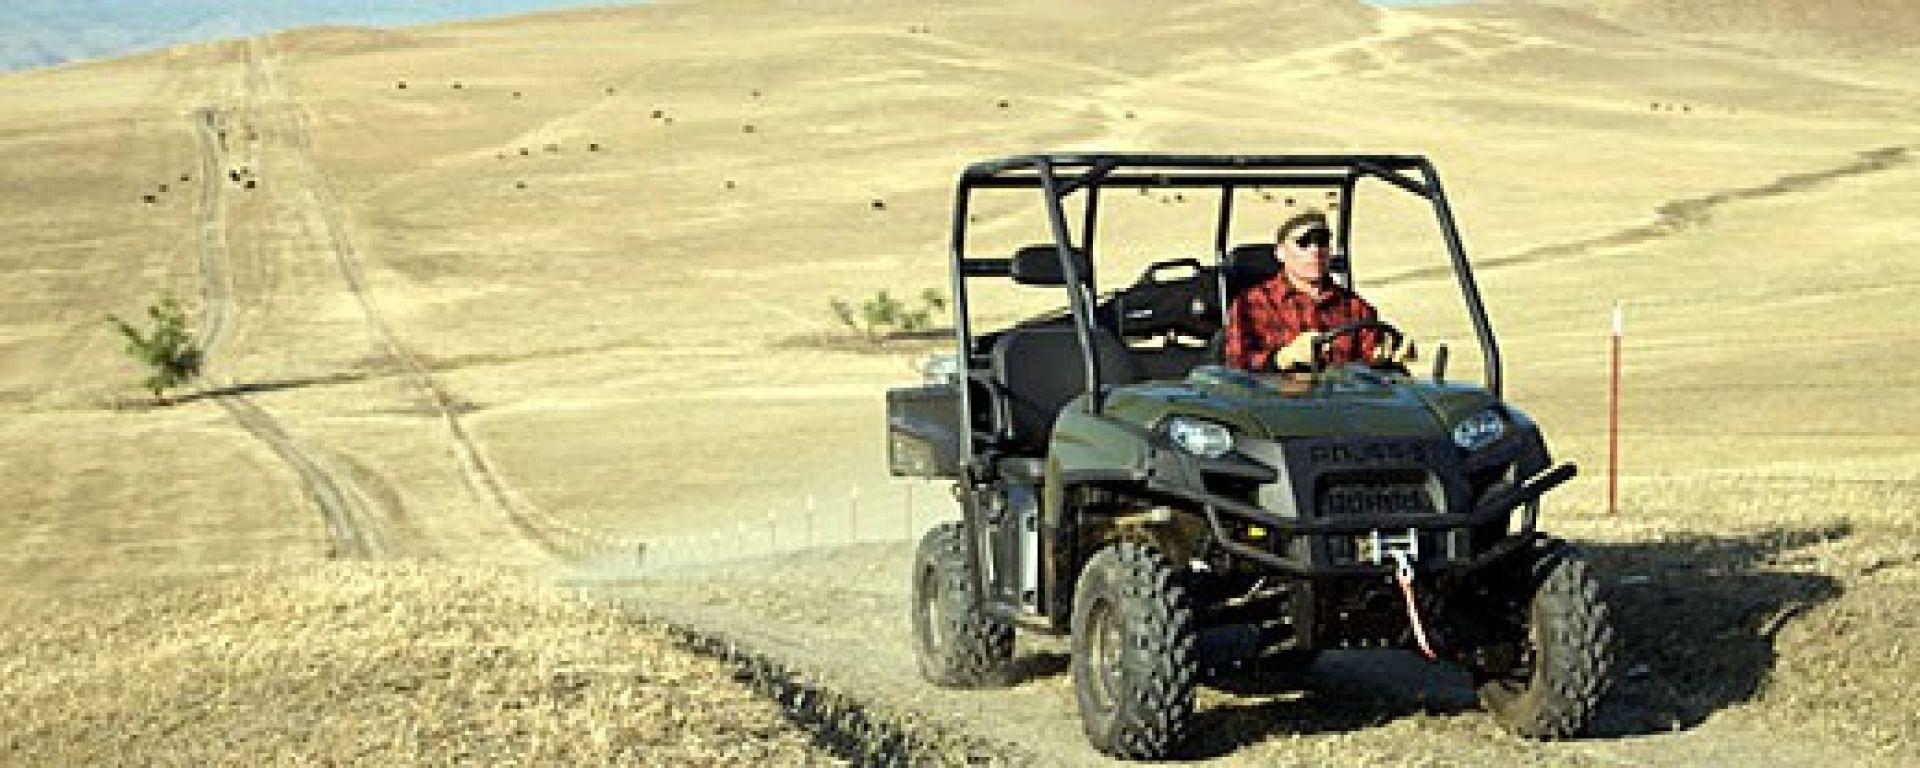 Polaris Ranger 700 EFI e 4X4